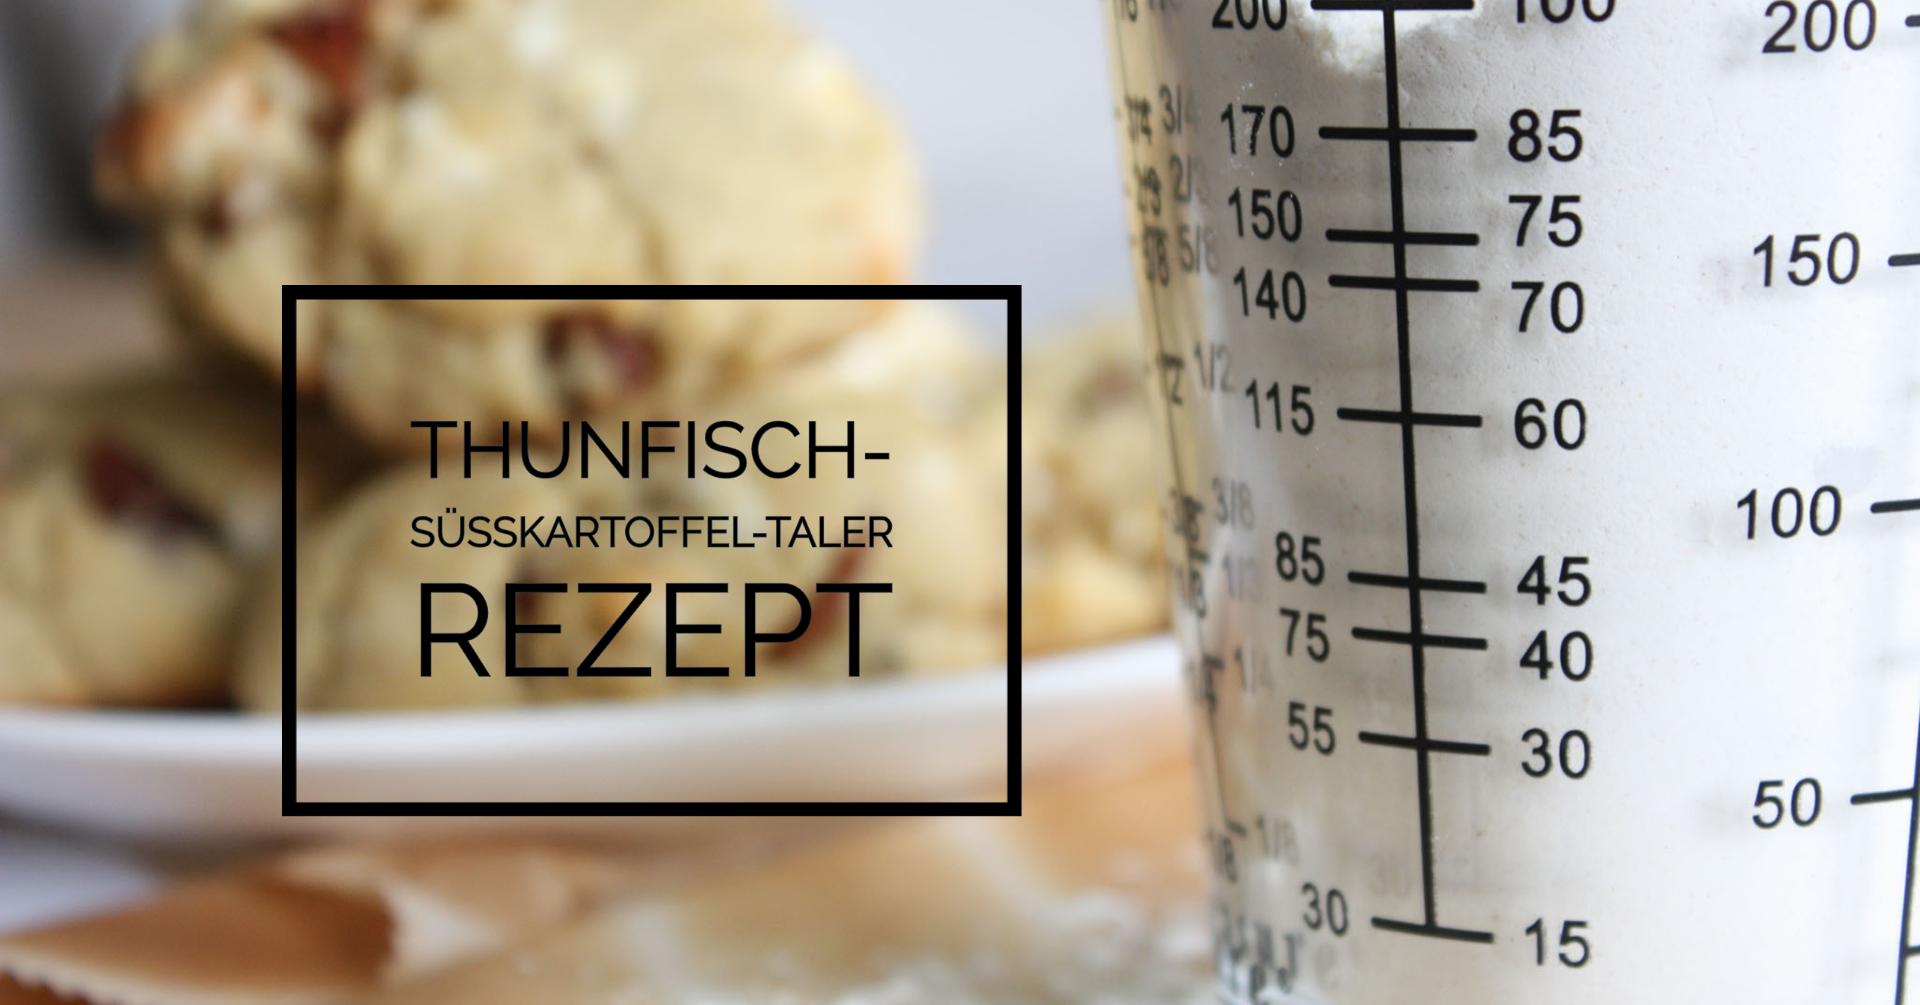 Thunfisch-Süßkartoffel-Taler